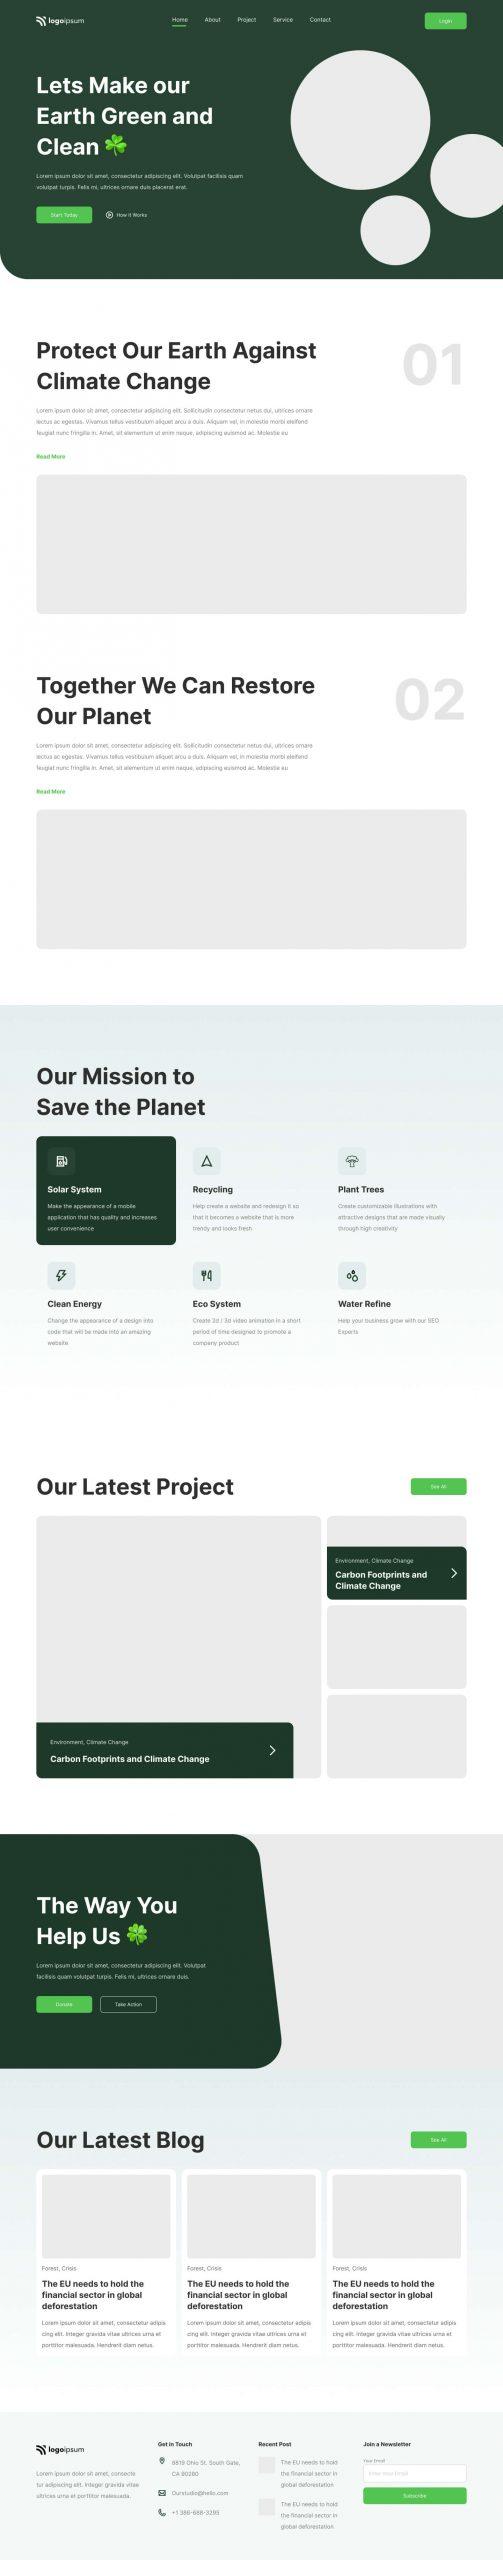 Environmental Landing Page Design Free - UI Freebies